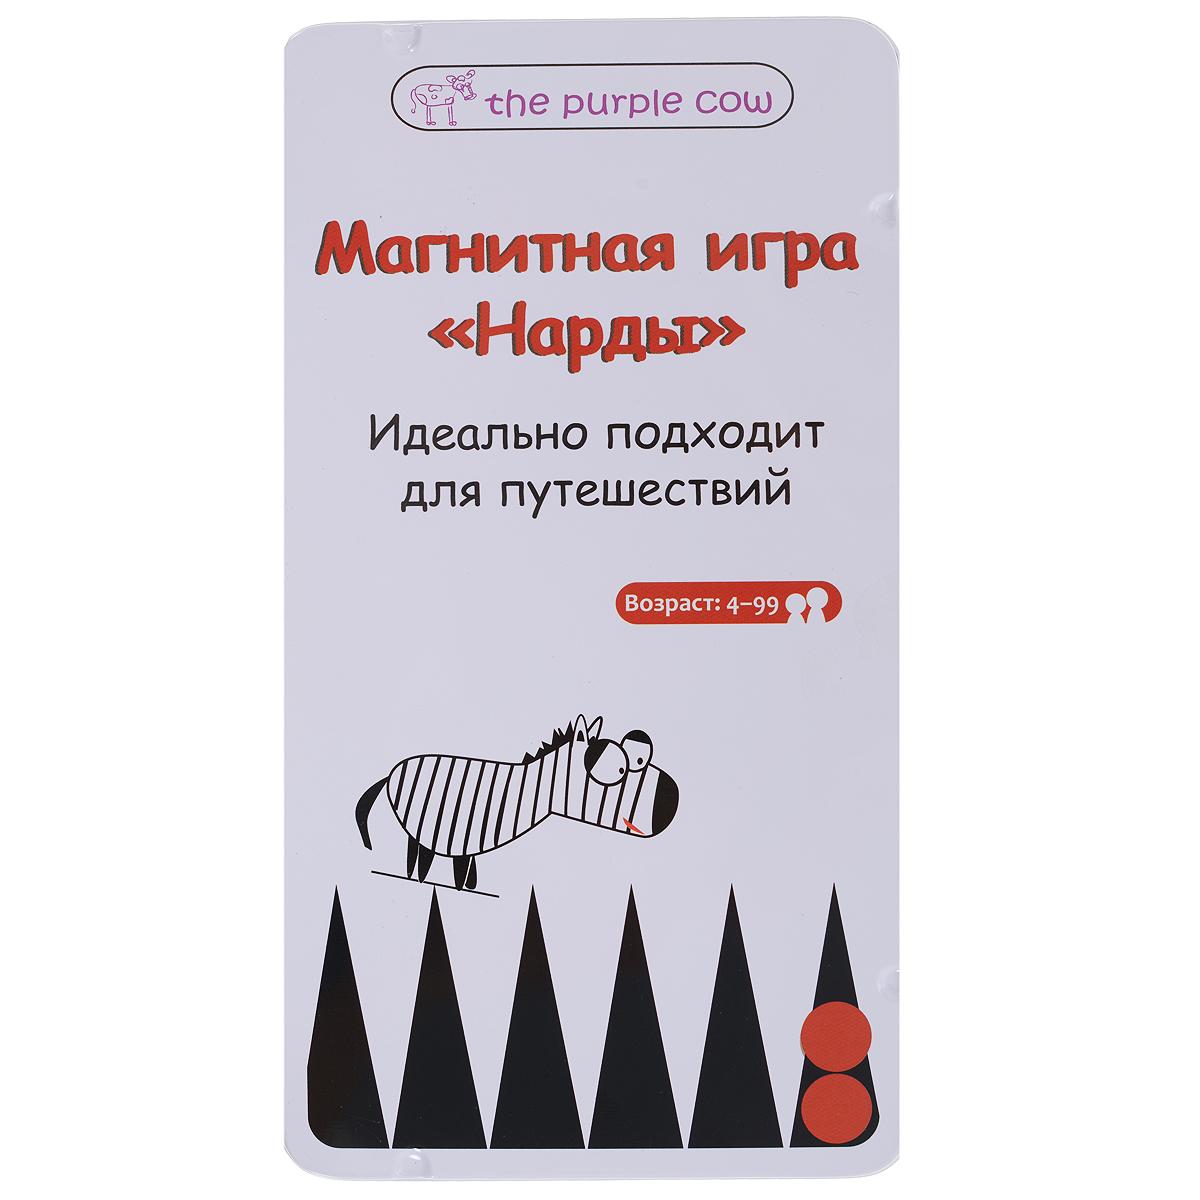 Магнитная игра The Purple Cow Нарды890025Магнитная игра The Purple Cow Нарды надолго увлечет вашего малыша. В комплект входят 30 цветных магнитных шашек, 2 игральных кубика, а игровая доска расположена на внутренней стороне металлической коробки, в которую упакованы шашки. Нарды - древняя восточная игра. Родина этой игры неизвестна, однако известно, что люди играют в эту игру уже более 5000 лет. Цель игры состоит в том, чтобы сначала привести шашки в свой дом (мешая в тоже время сделать это сопернику), а затем, когда это удалось сделать, снять их с доски быстрее соперника. Побеждает тот, кто первым снял свои шашки, но победы в нардах имеют разную цену. Подробные правила изложены на упаковке на русском языке. Магнитная игра The Purple Cow Нарды займет вашего ребенка и поможет ему раскрыть свой потенциал, научит его логическому мышлению и поспособствует развитию мелкой моторики. Гарантия: 30 дней.